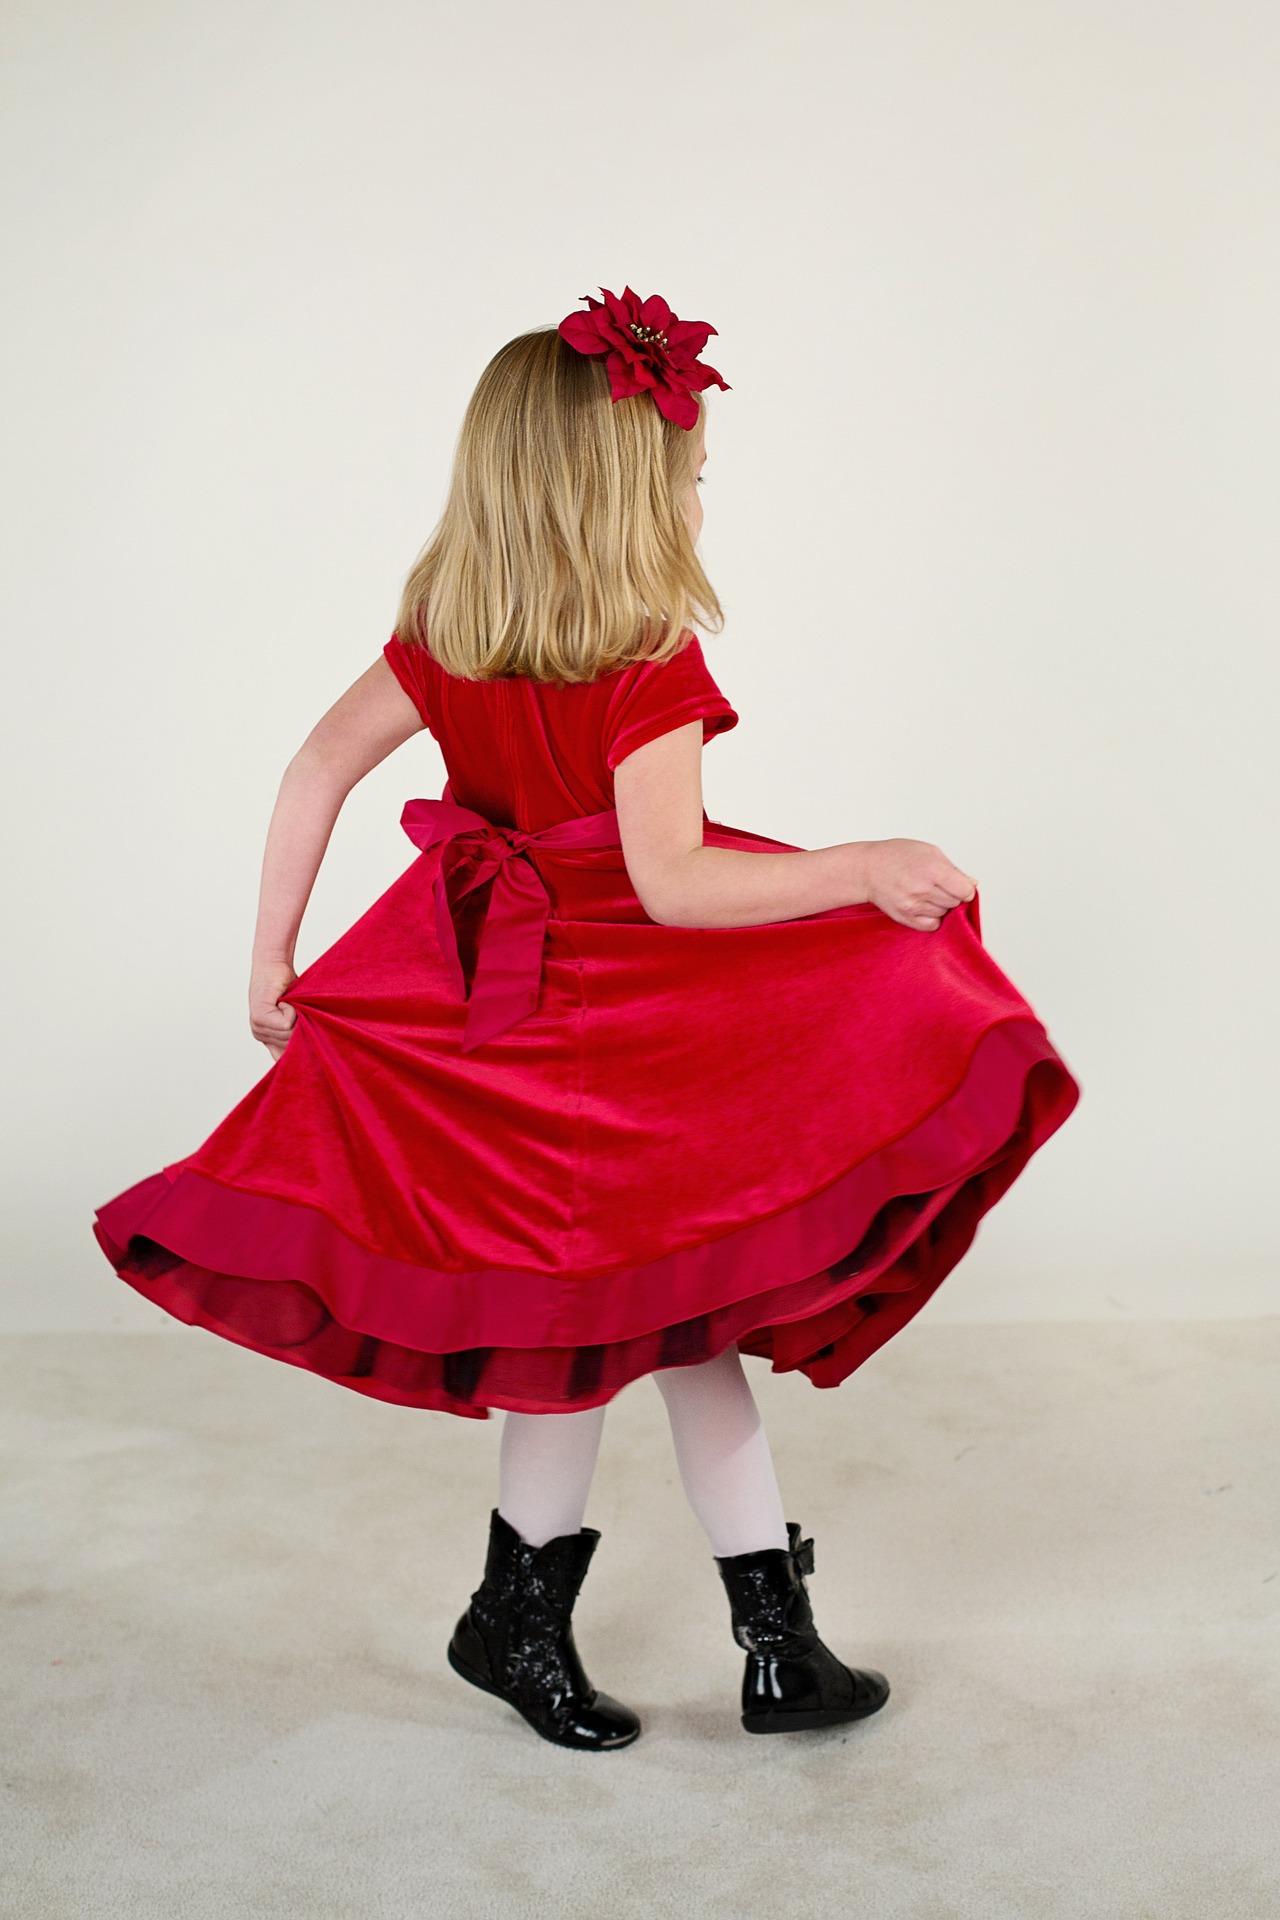 Cute Little Girl, Child, Girl, Kid, Little, HQ Photo